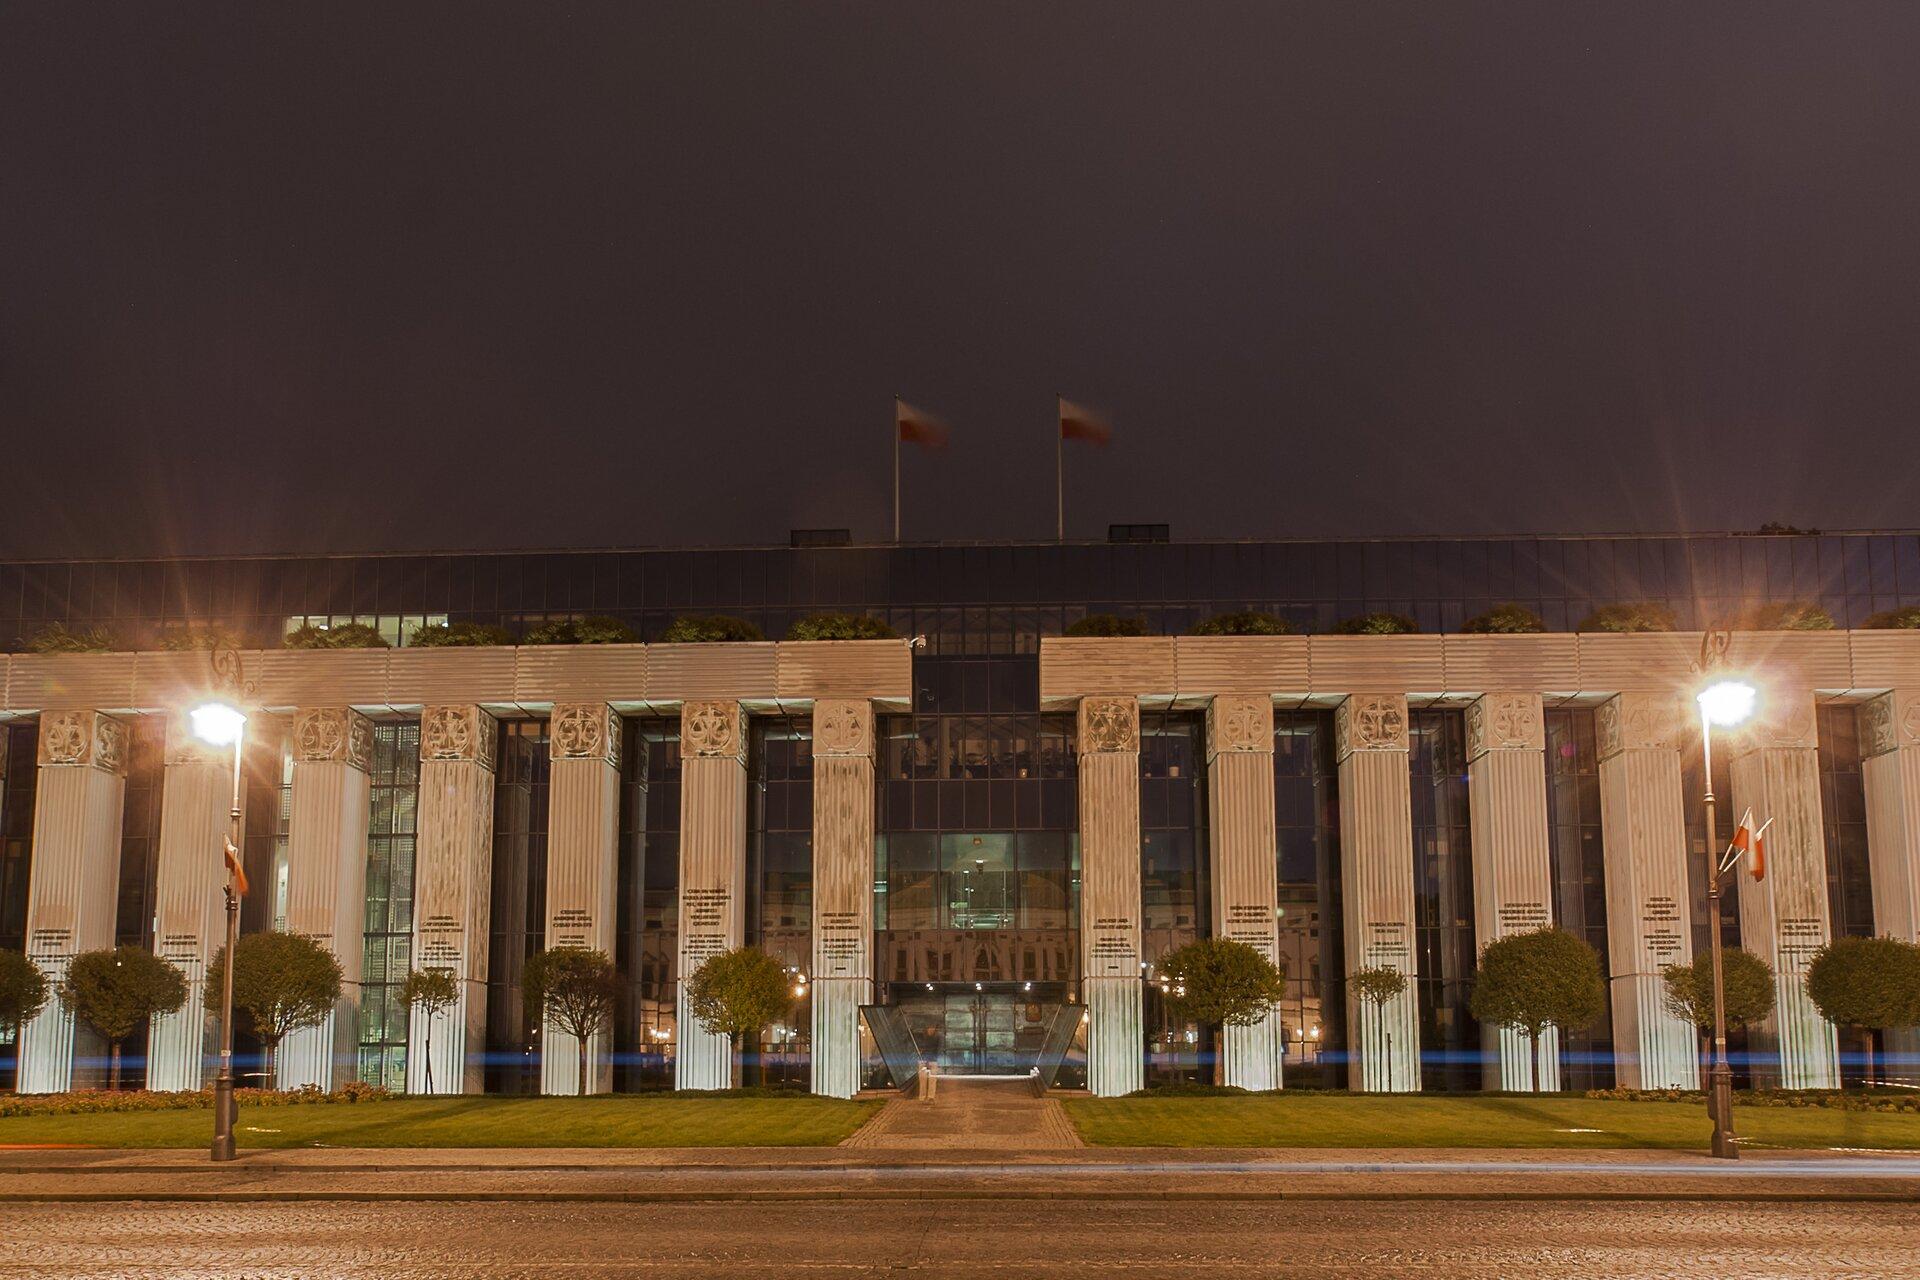 Budynek Sądu Najwyższego wWarszawie Źródło: Spens03, Budynek Sądu Najwyższego wWarszawie, licencja: CC BY-SA 3.0.